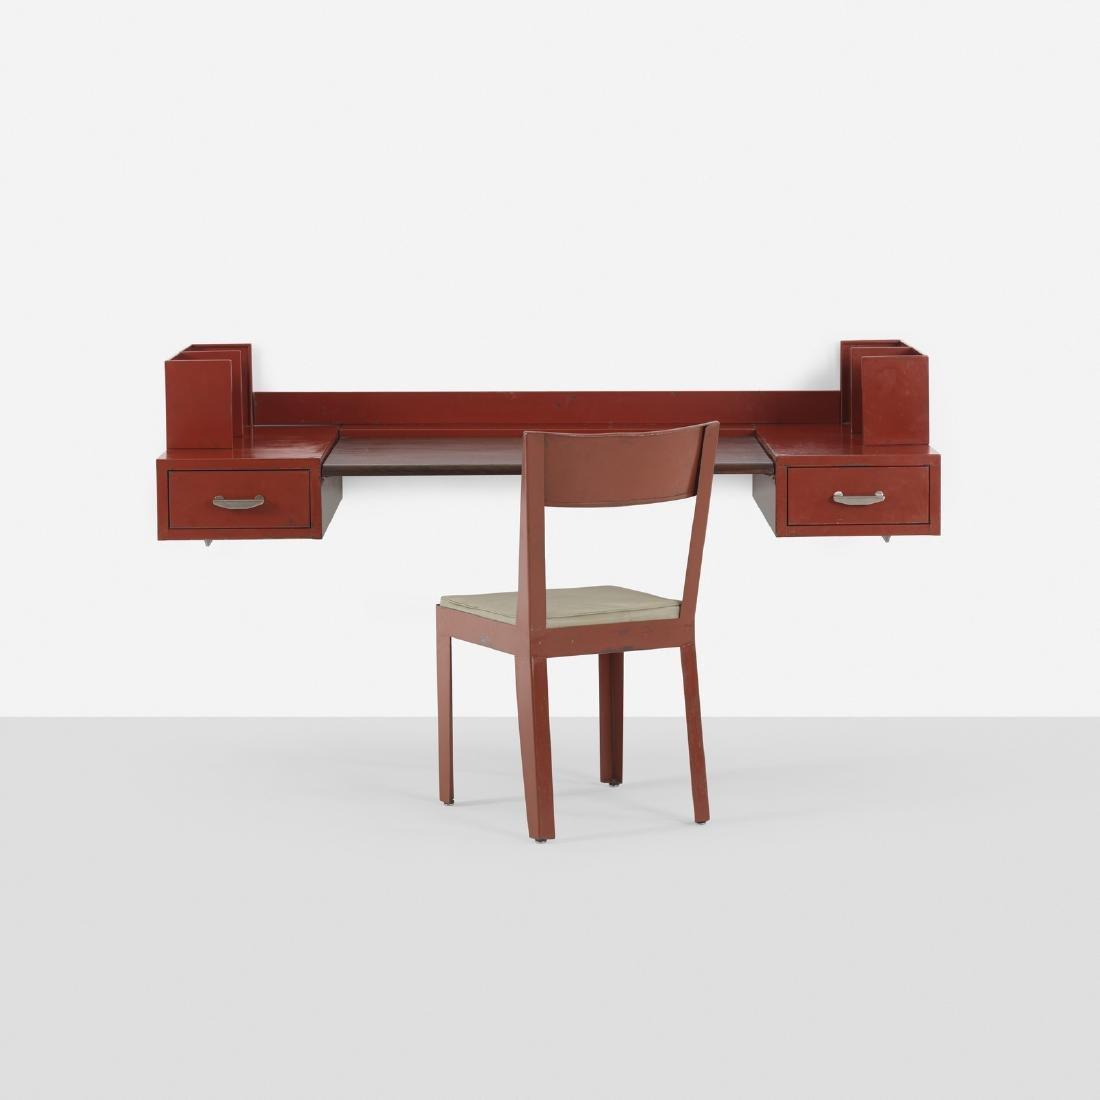 Jules Leleu & Jean Prouve, wall-mounted desk & chair